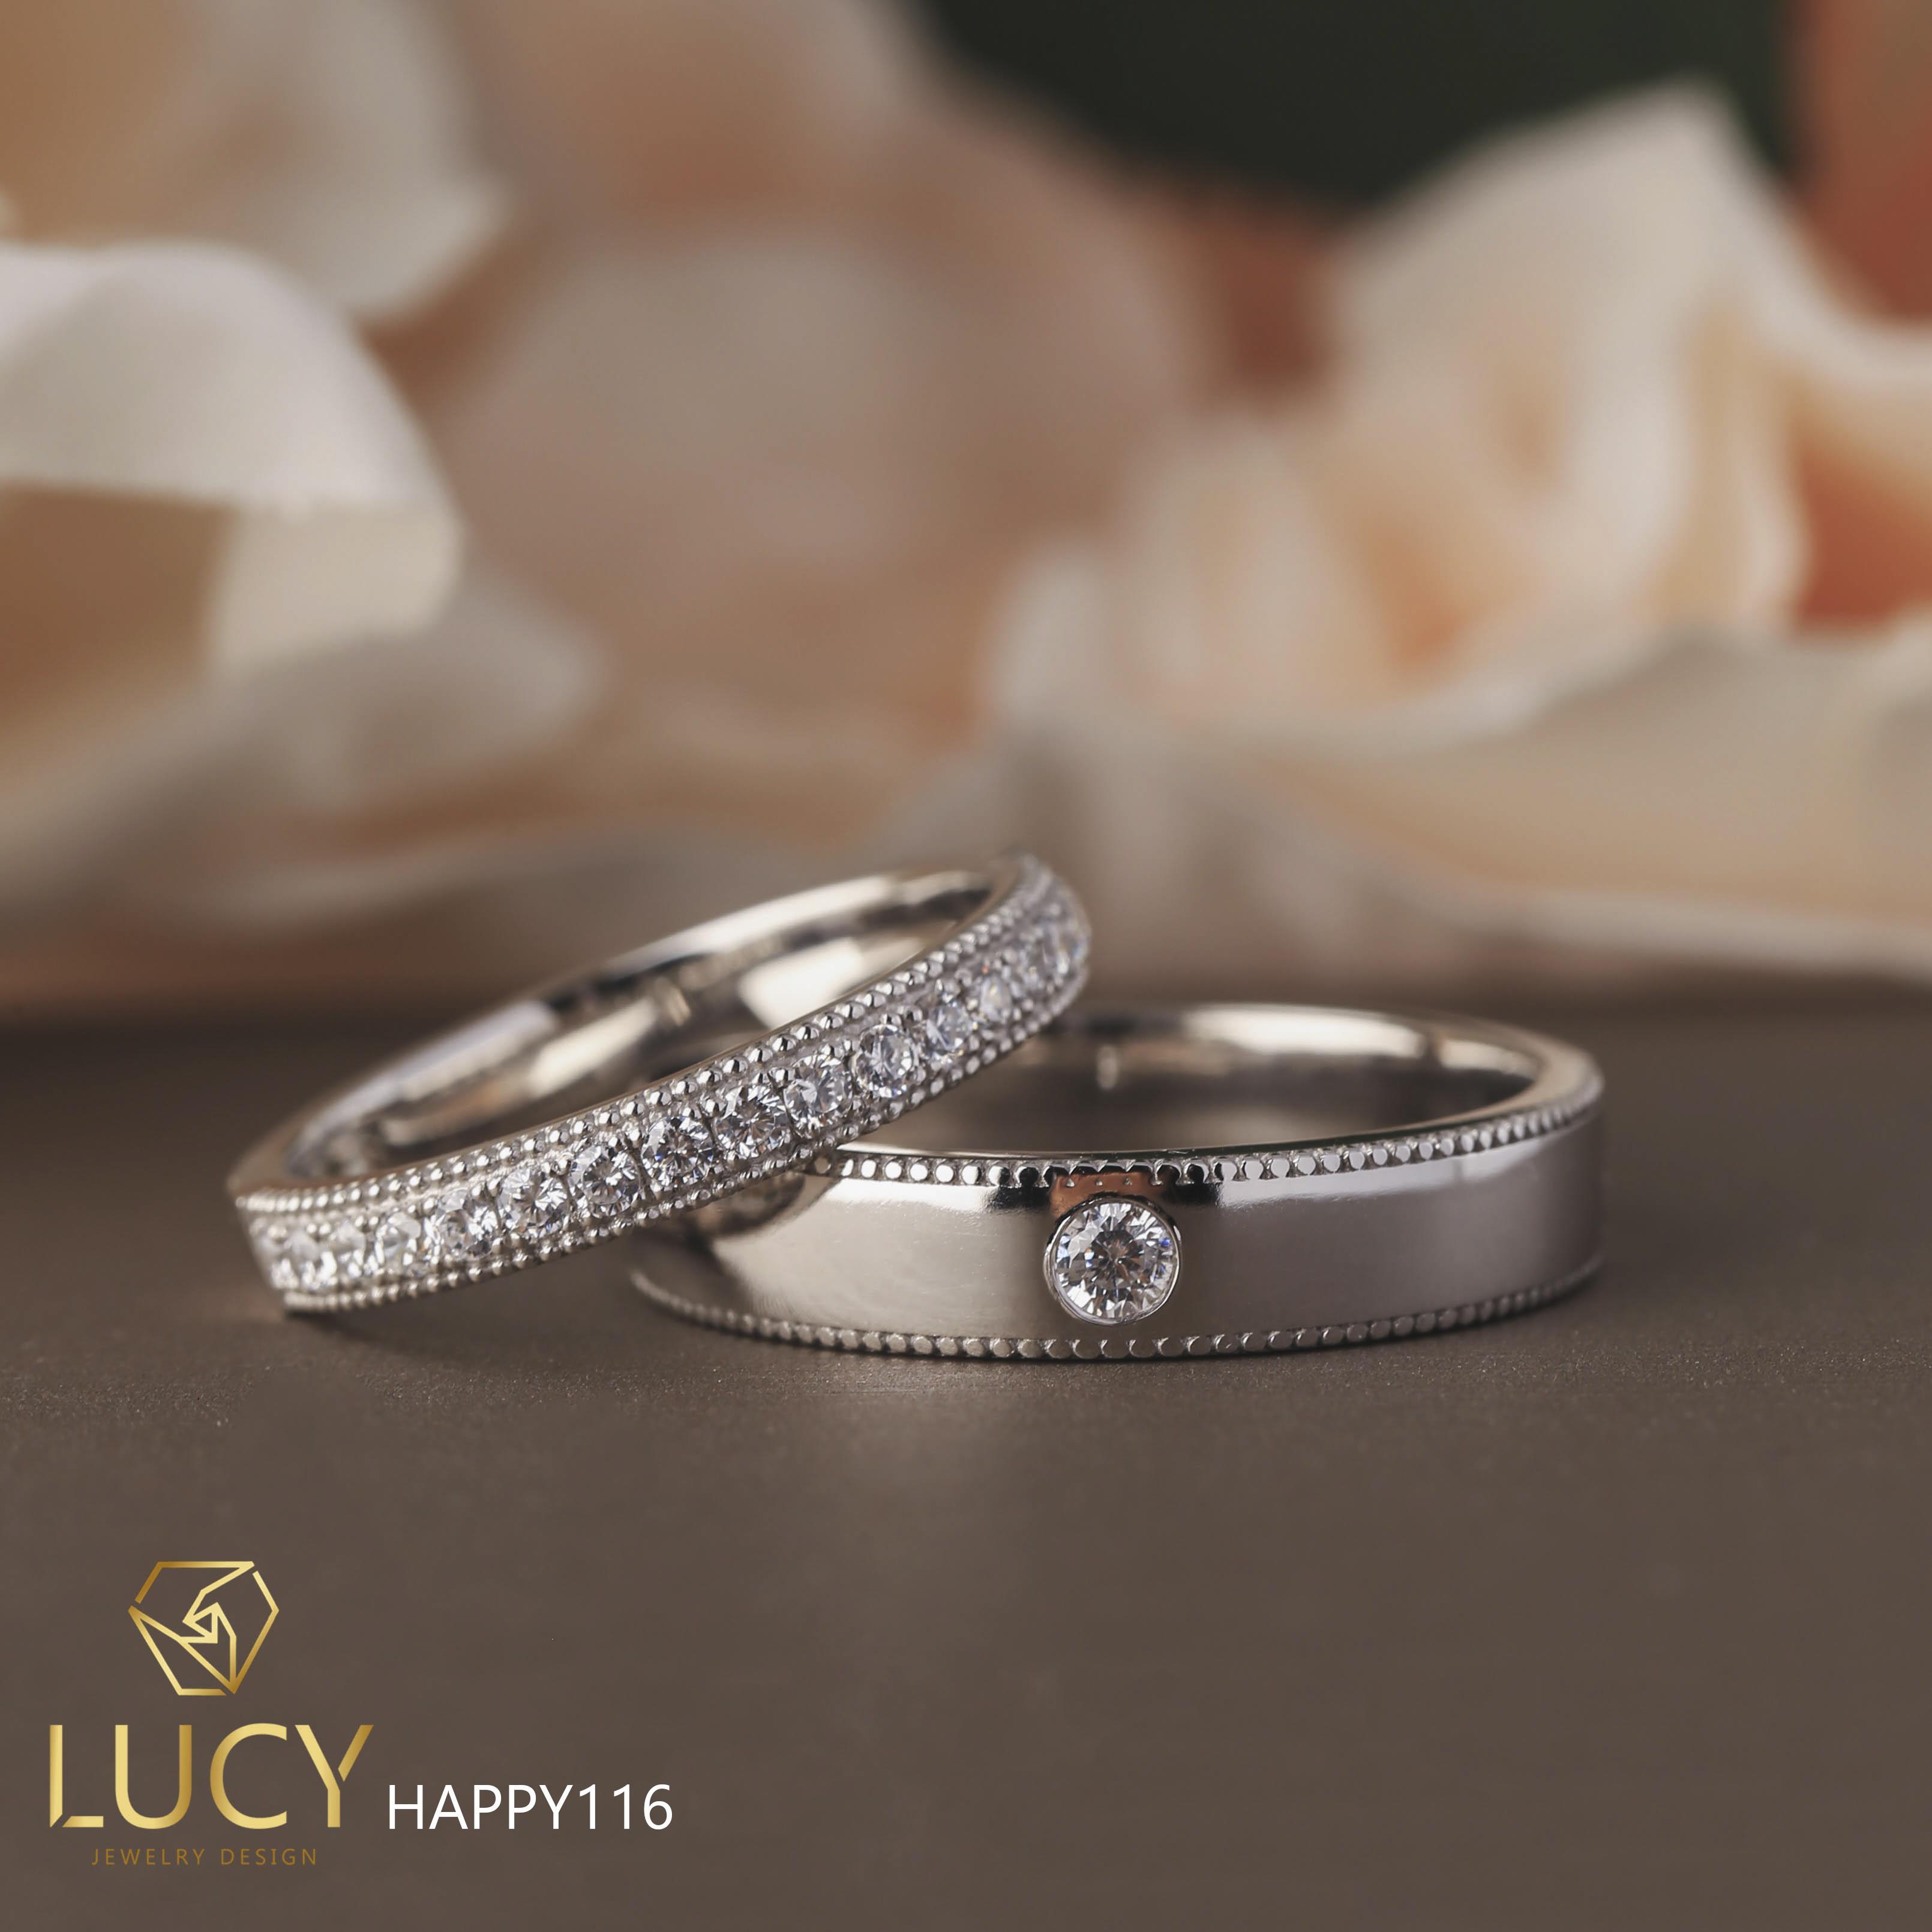 HAPPY116 Nhẫn cưới thiết kế, nhẫn cưới đẹp, nhẫn cưới cao cấp, nhẫn cưới kim cương - Lucy Jewelry